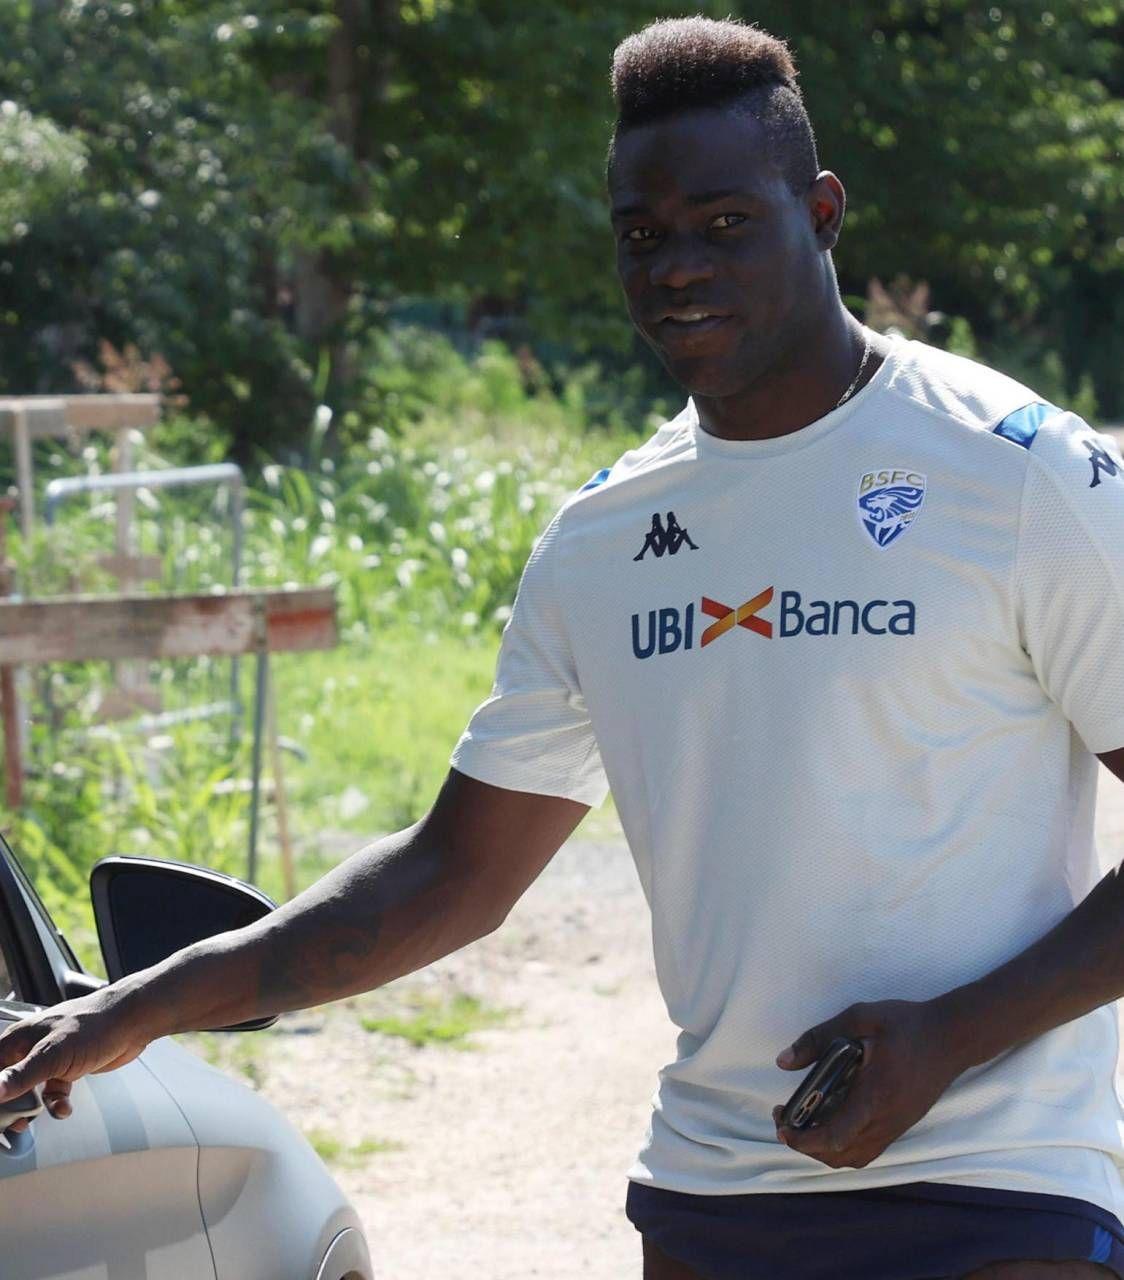 Mario Balotelli, nato il 12 agosto 1990 a Palermo, è stato adottato a Brescia